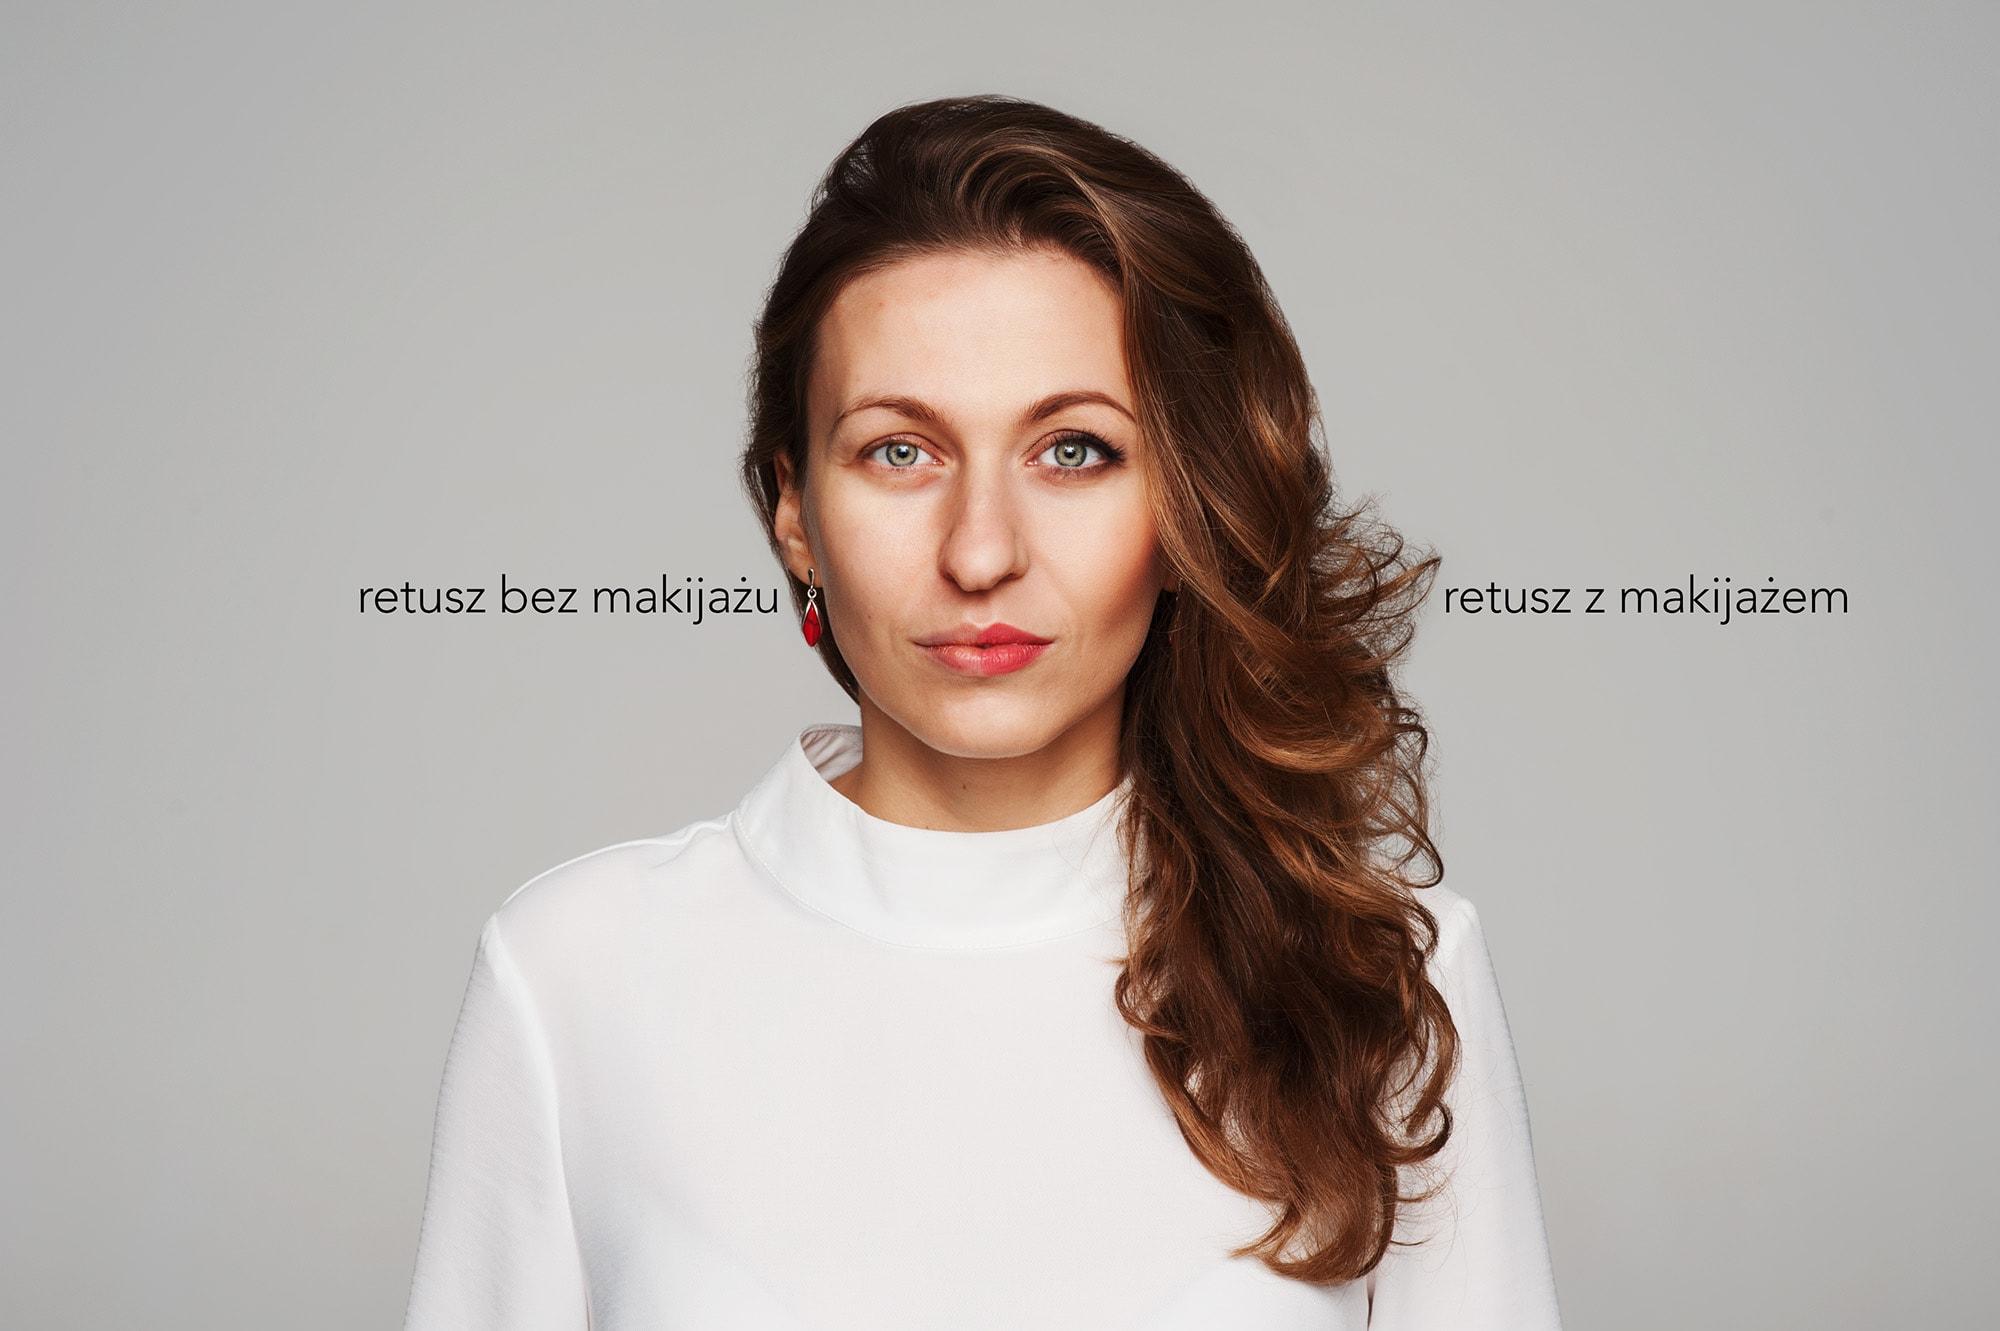 makijaż i bez po retuszu